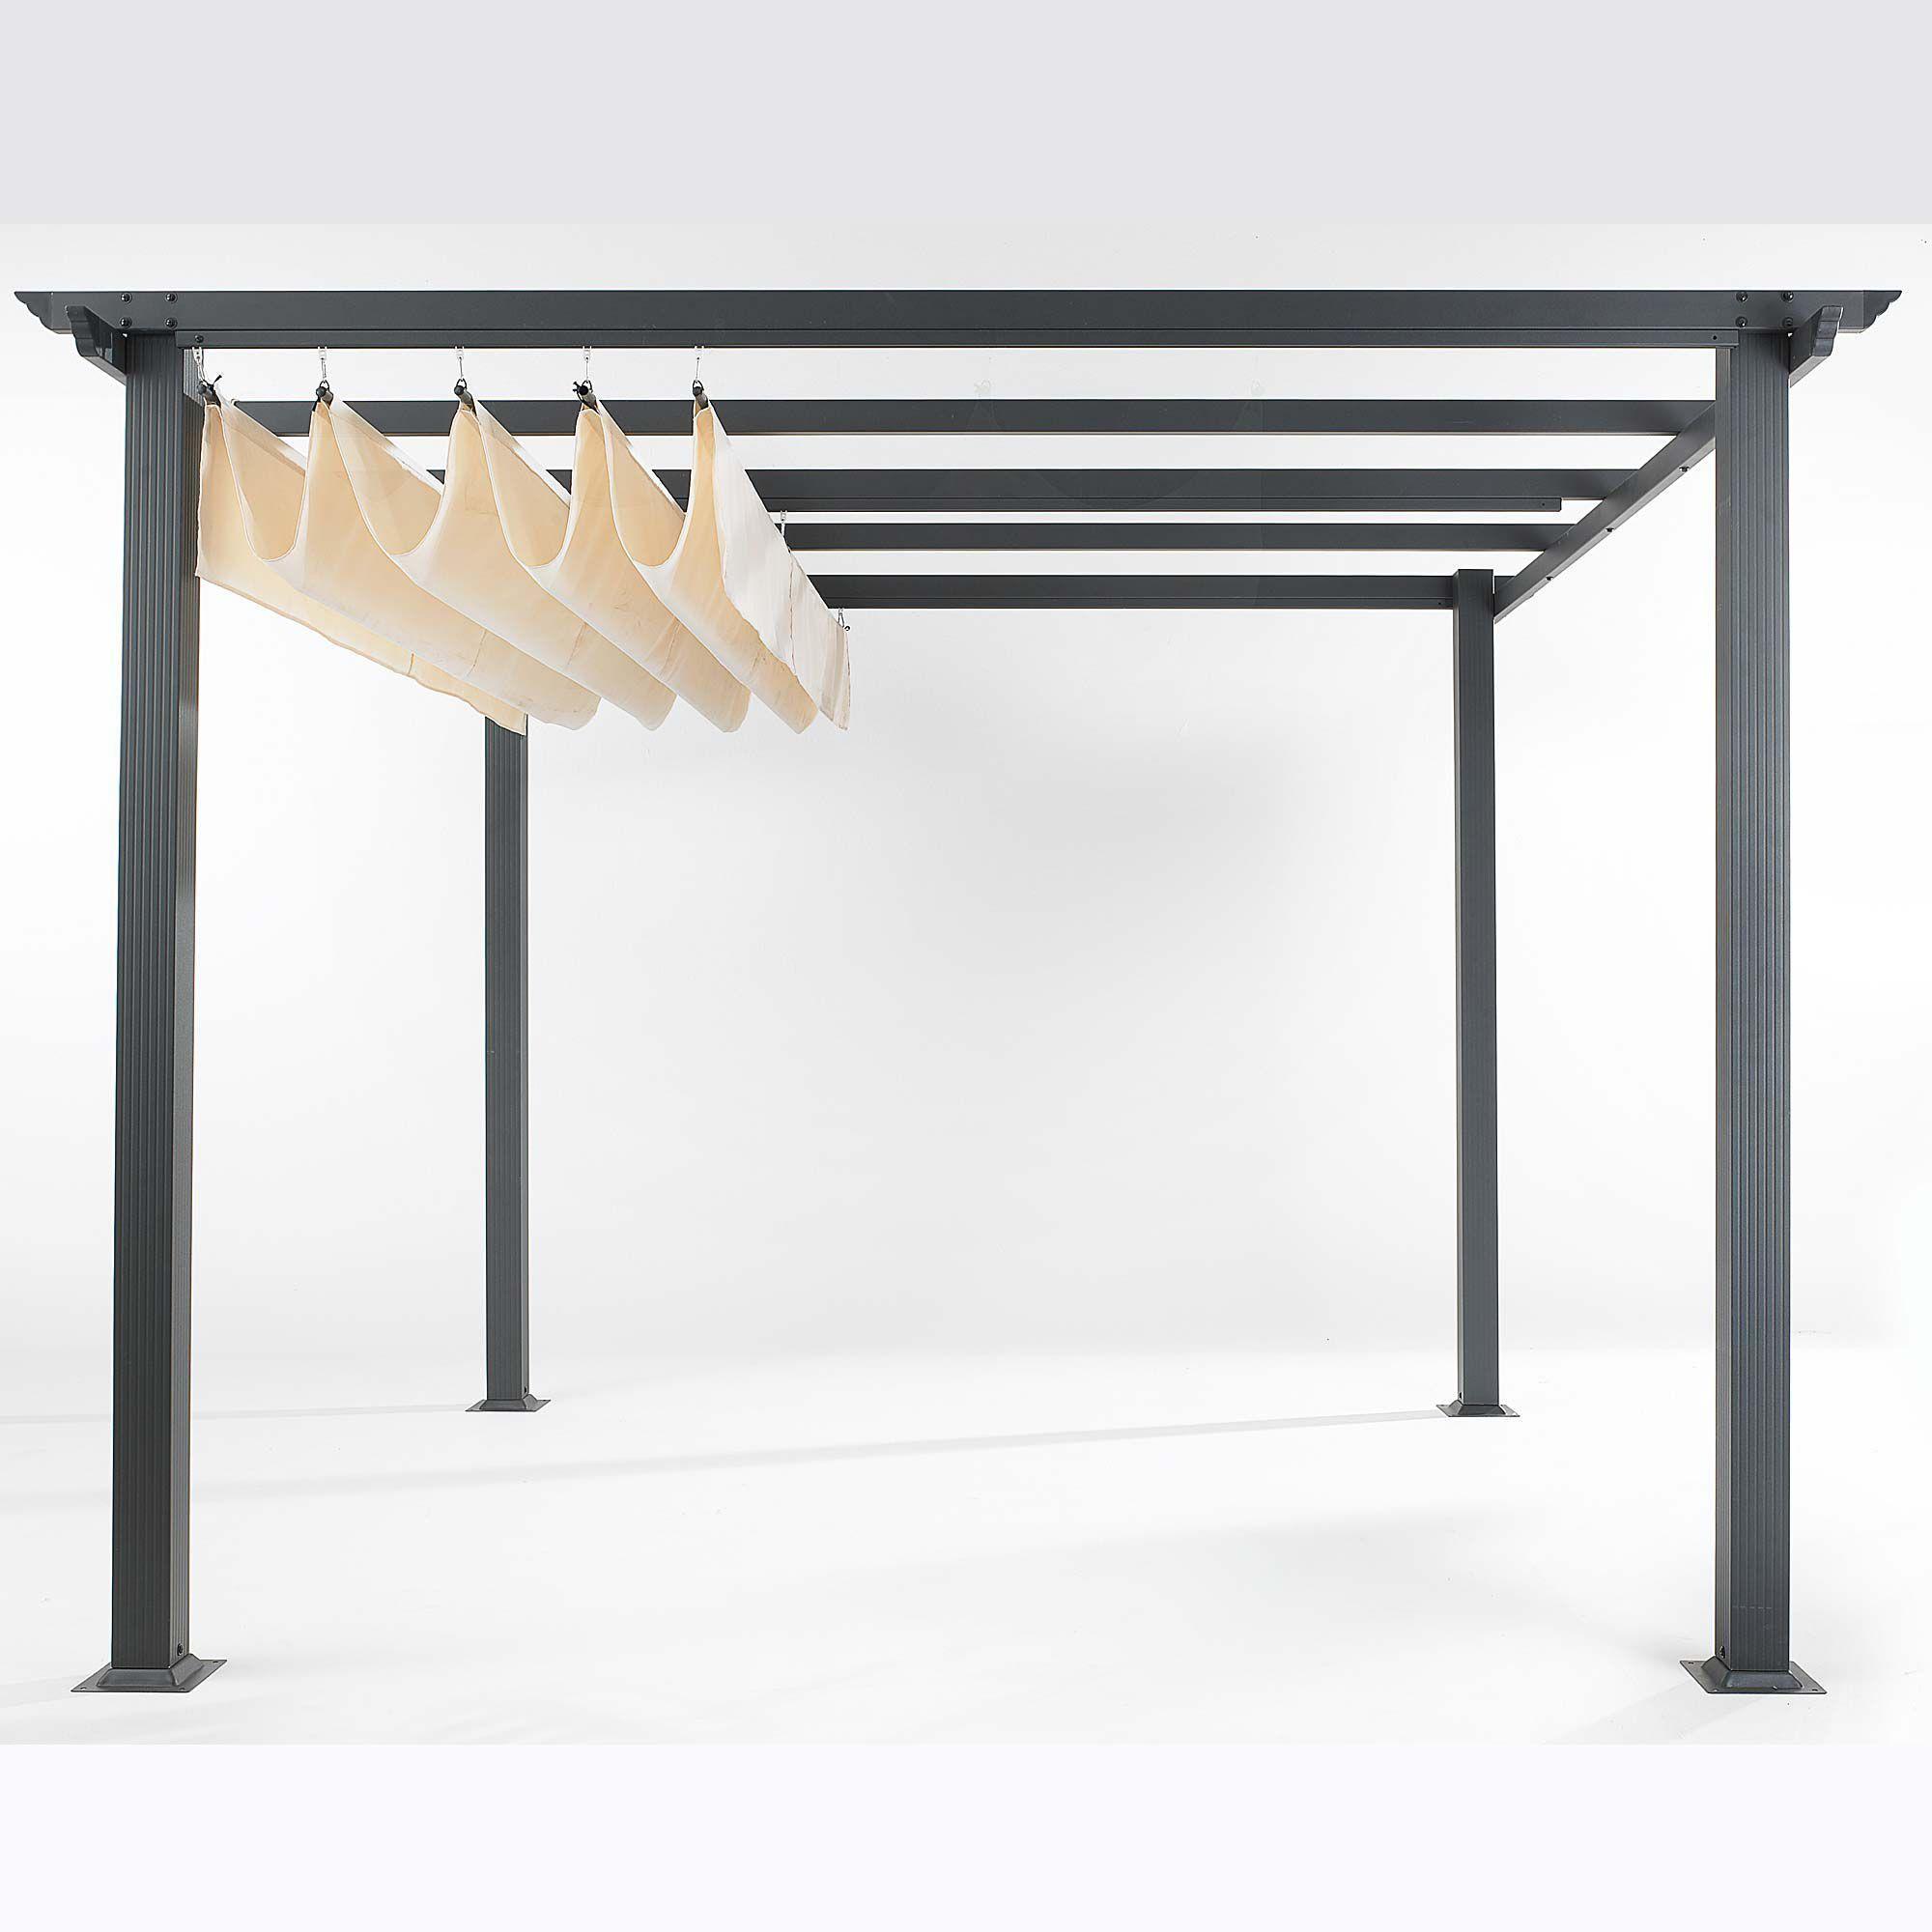 pergola aluminiumgestell und polyester dach sonnen und sichtschutz garten sichtschutz. Black Bedroom Furniture Sets. Home Design Ideas